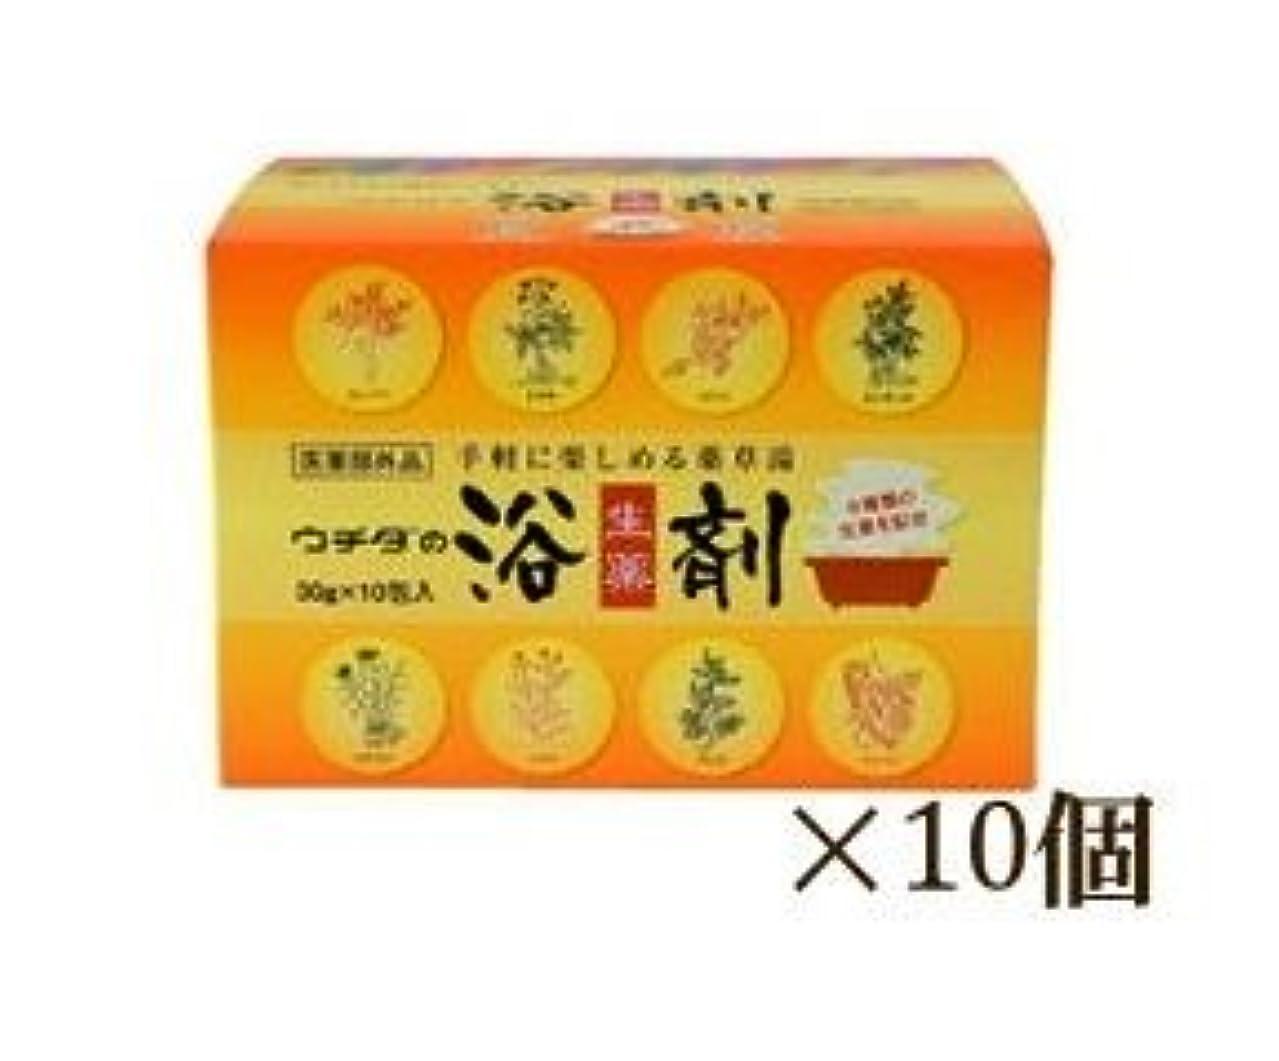 不完全健康絶滅させるウチダの生薬浴剤 10箱セット (1箱30g×10包) 医薬部外品